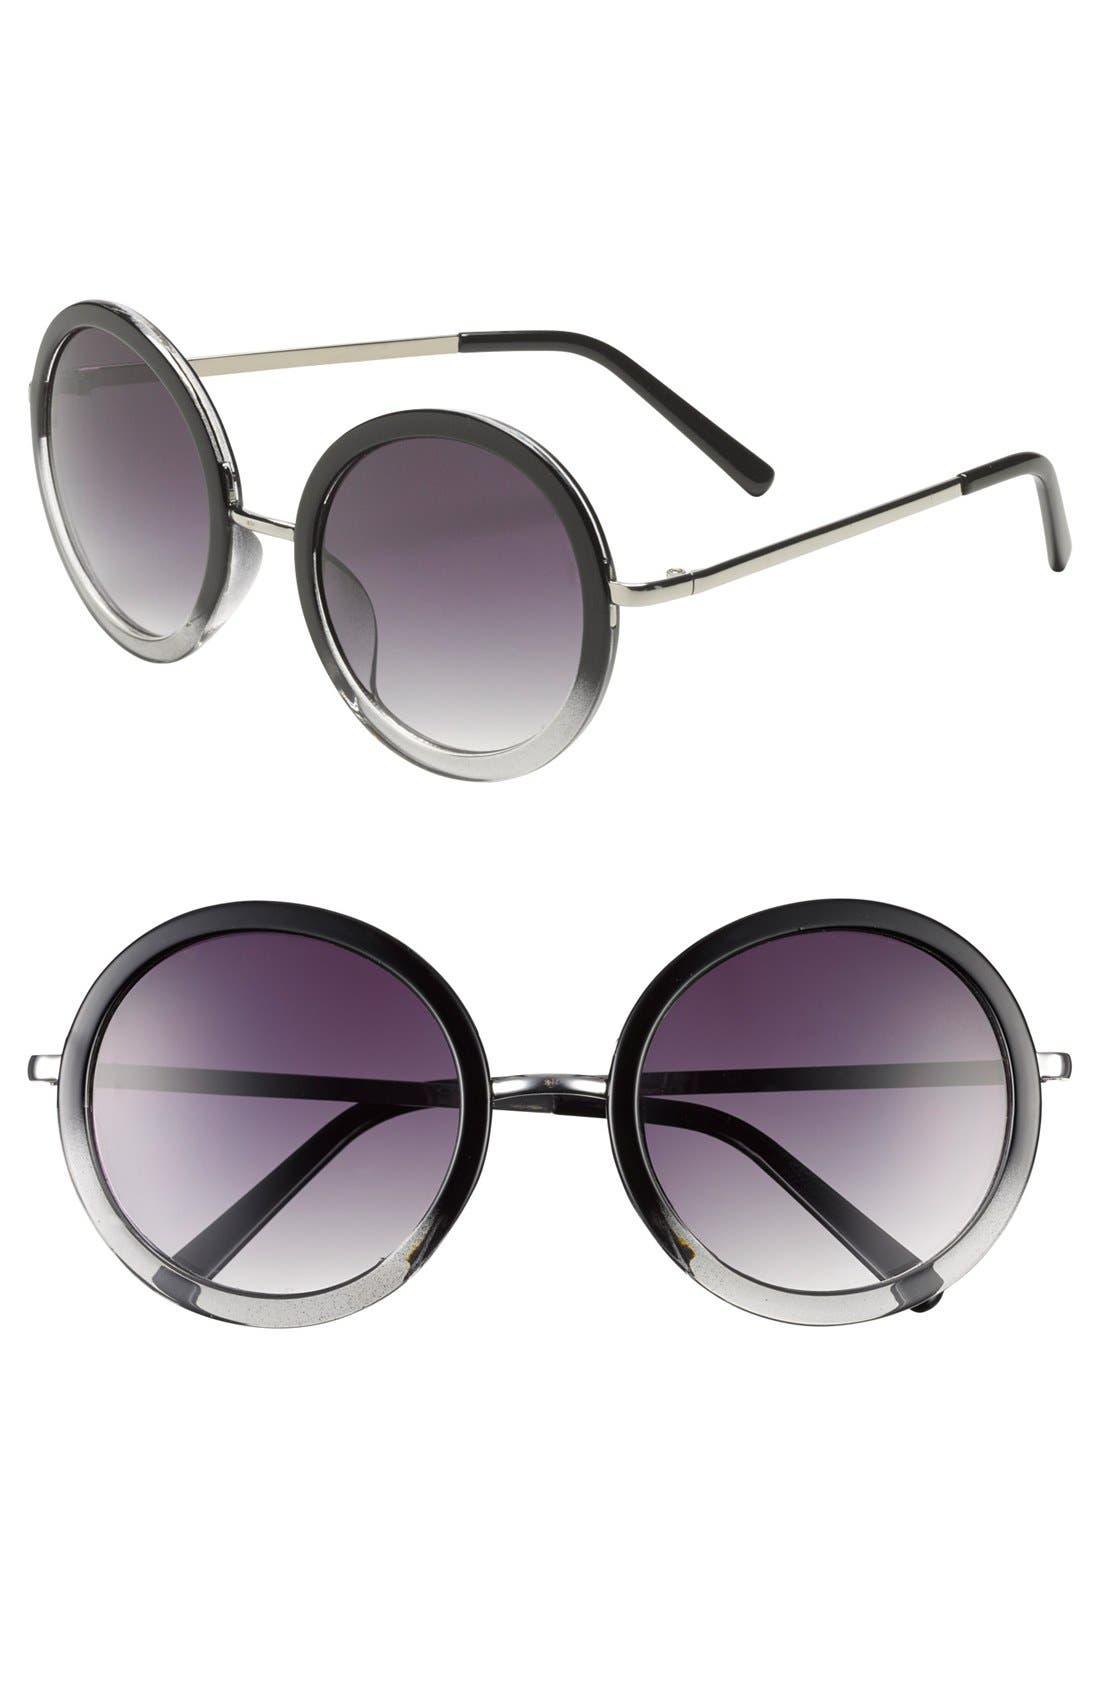 Main Image - Tildon Round Ombré Sunglasses